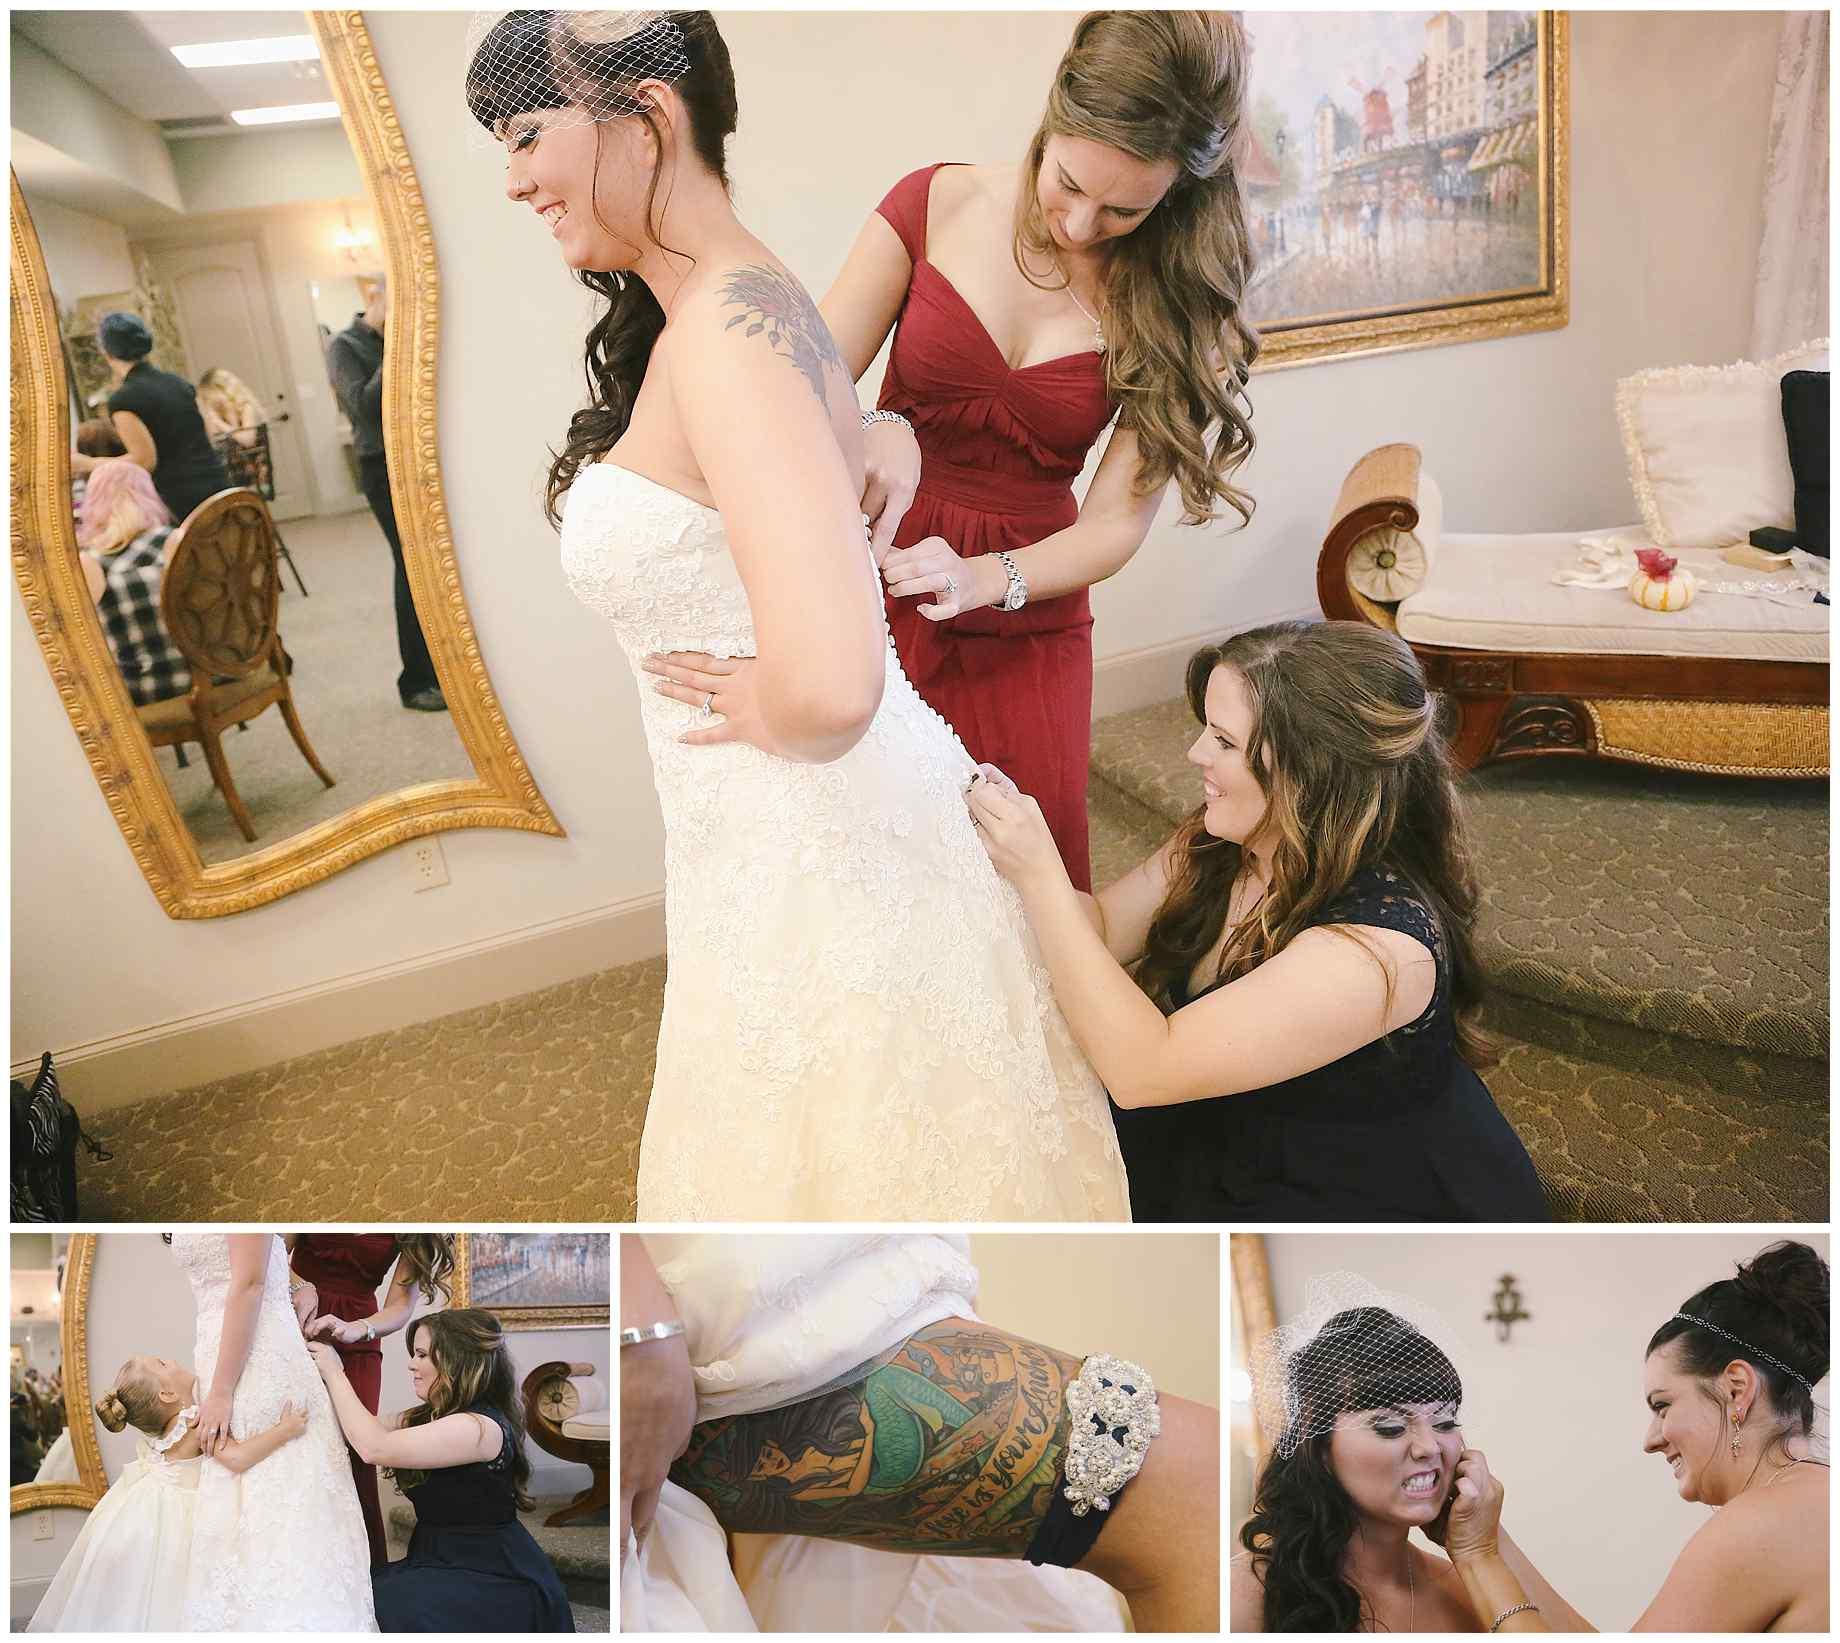 Le-Beaux-Chateau-wedding-photos-007